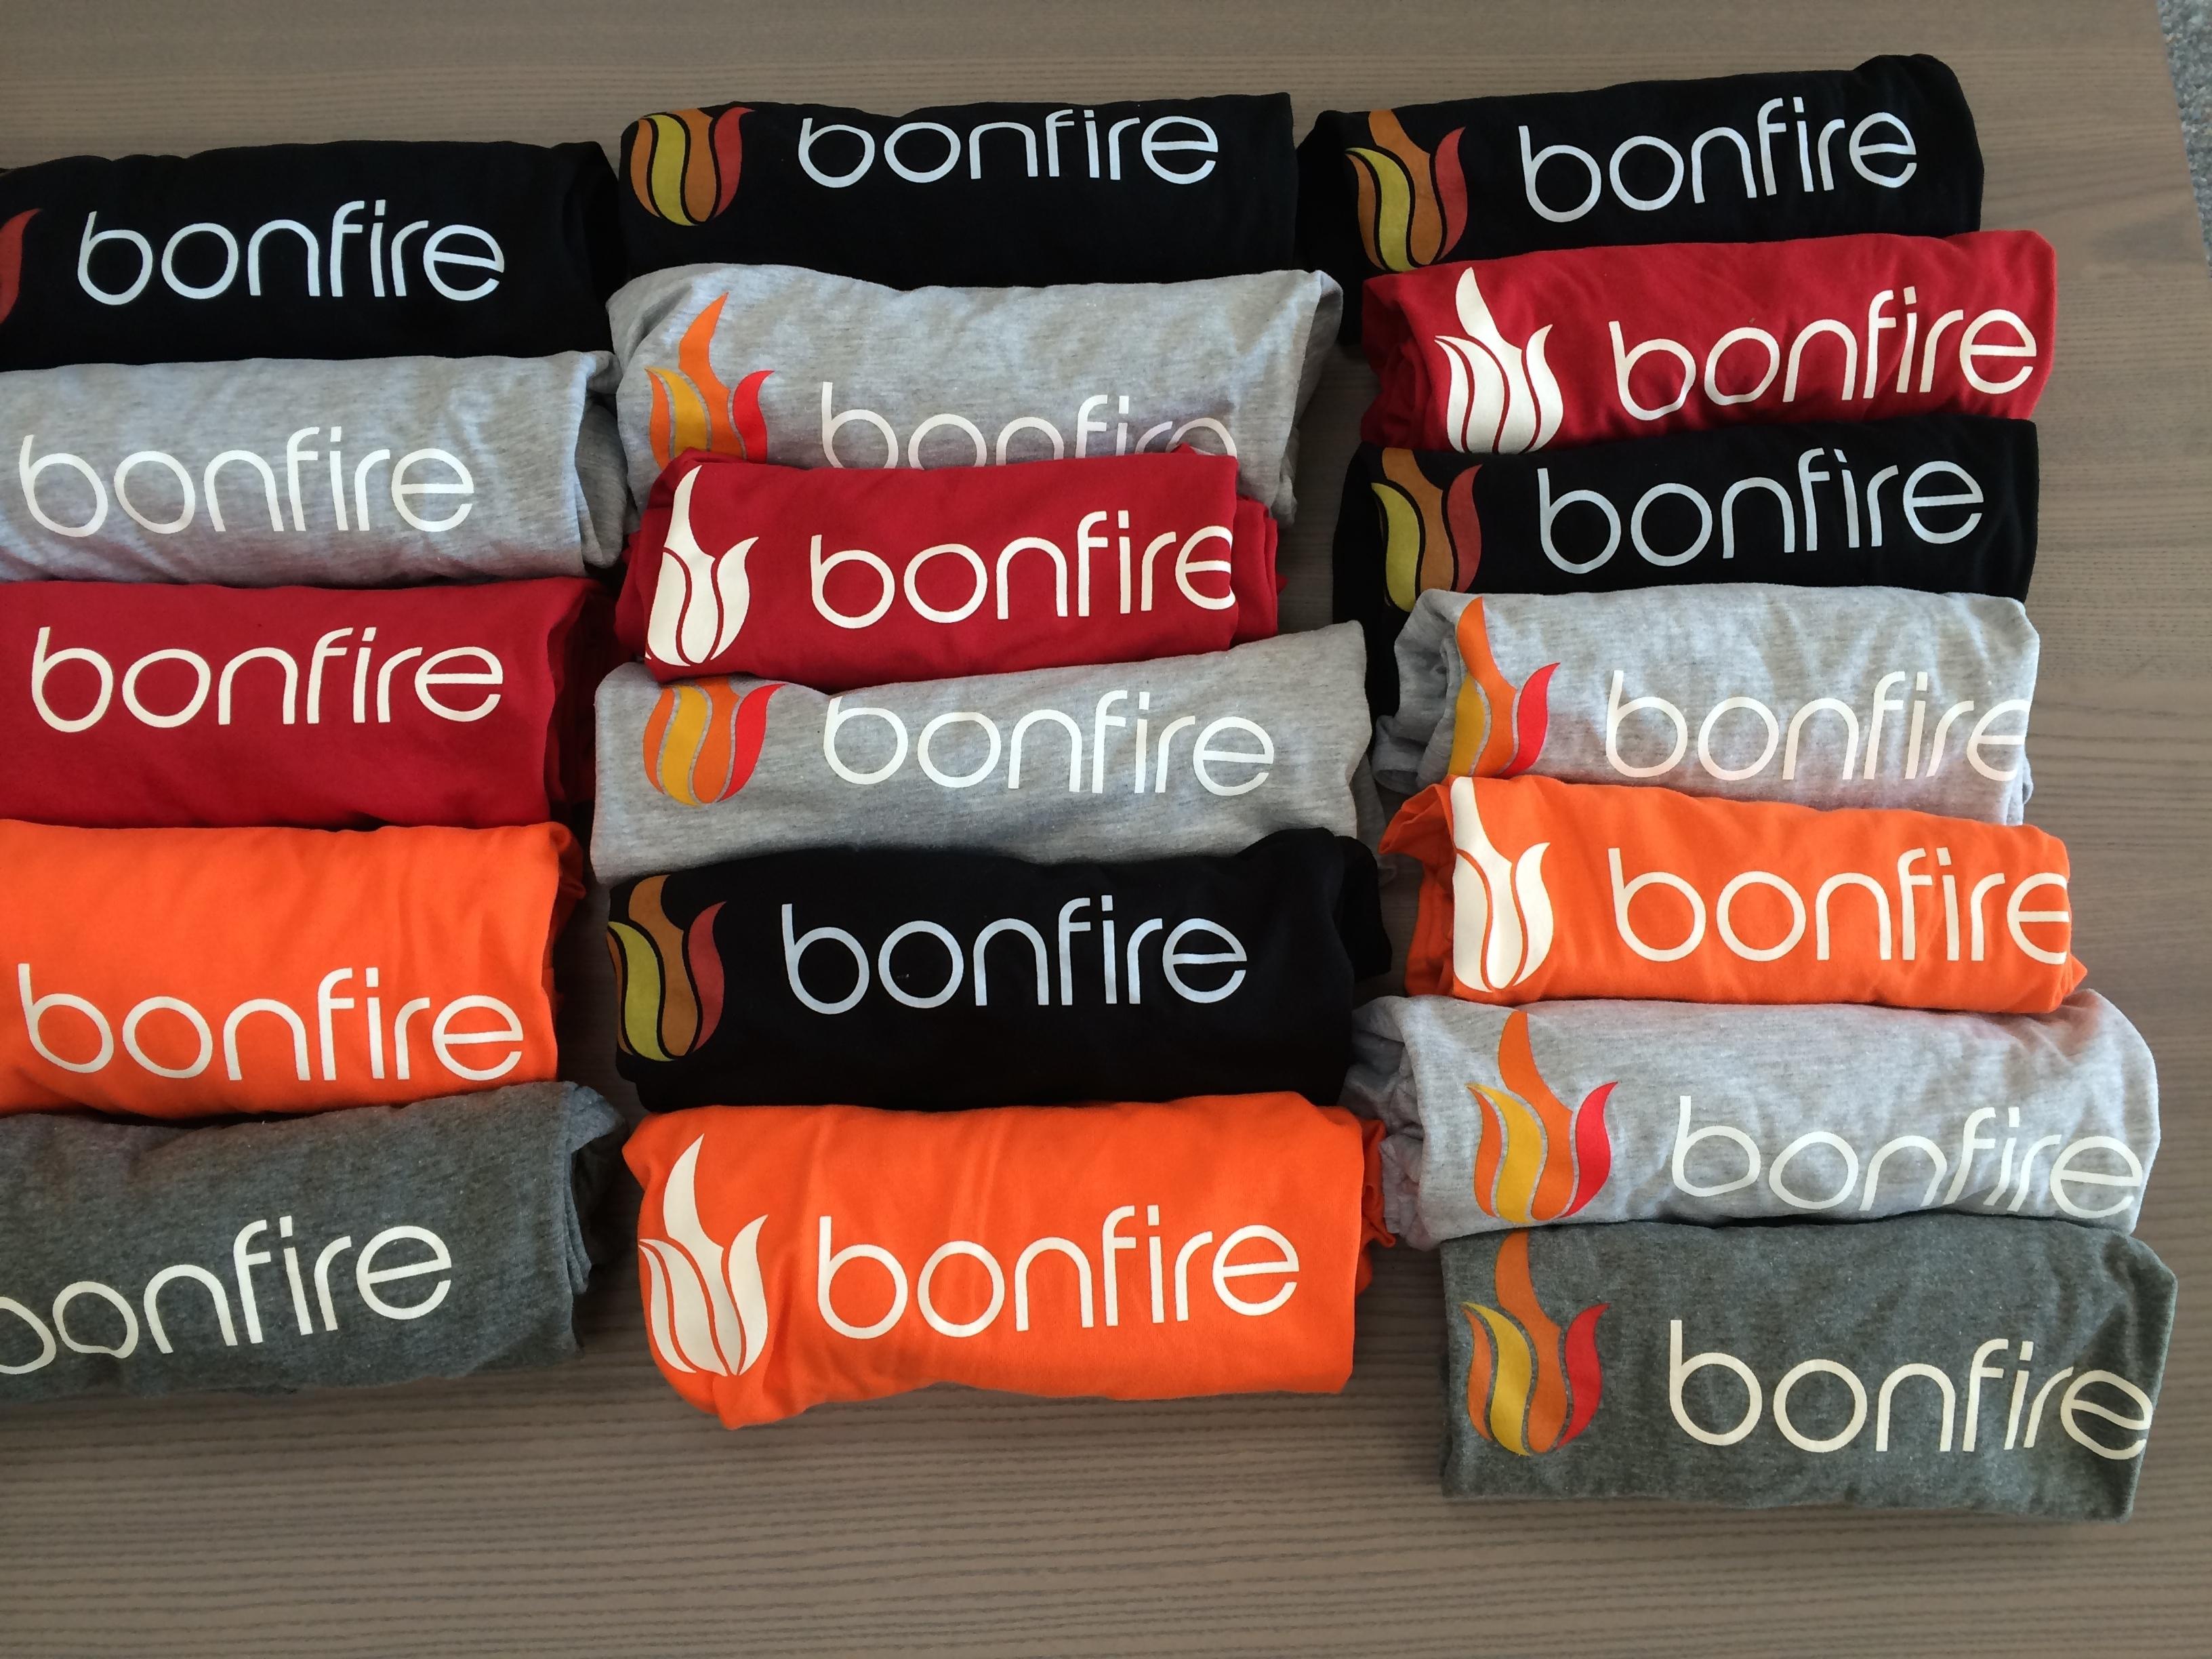 Bonfire image 5